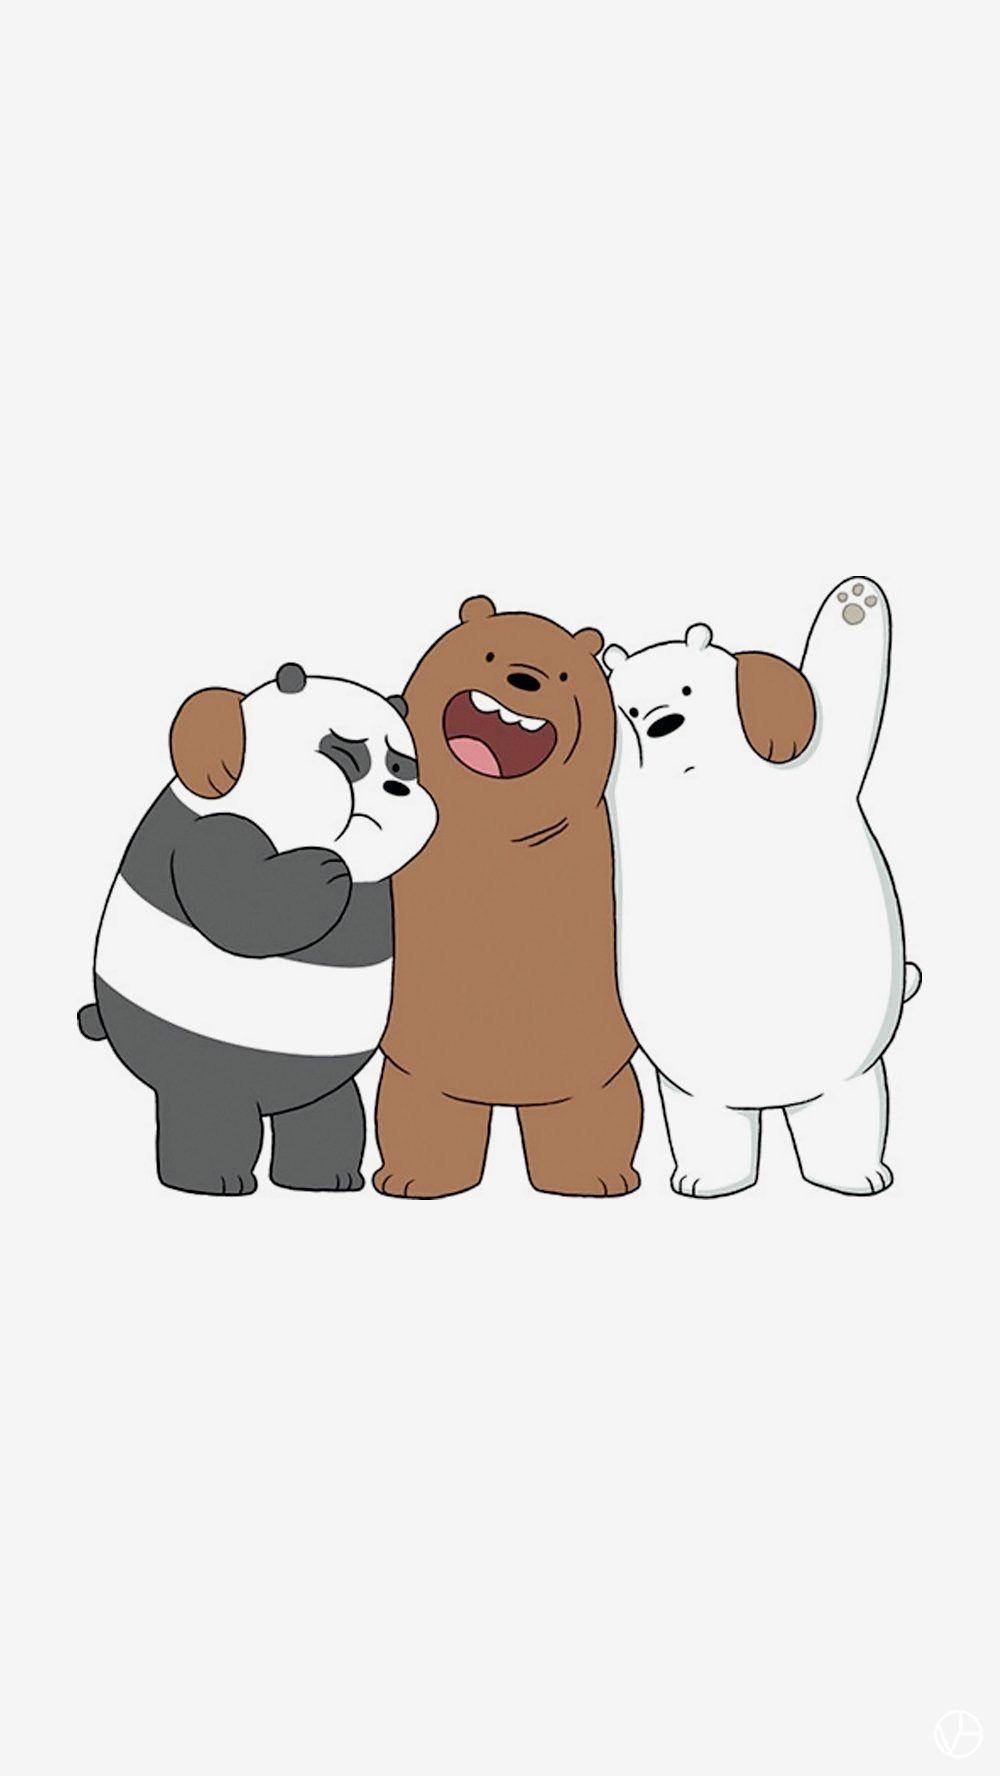 Pin Oleh Monika B Di We Bare Bears